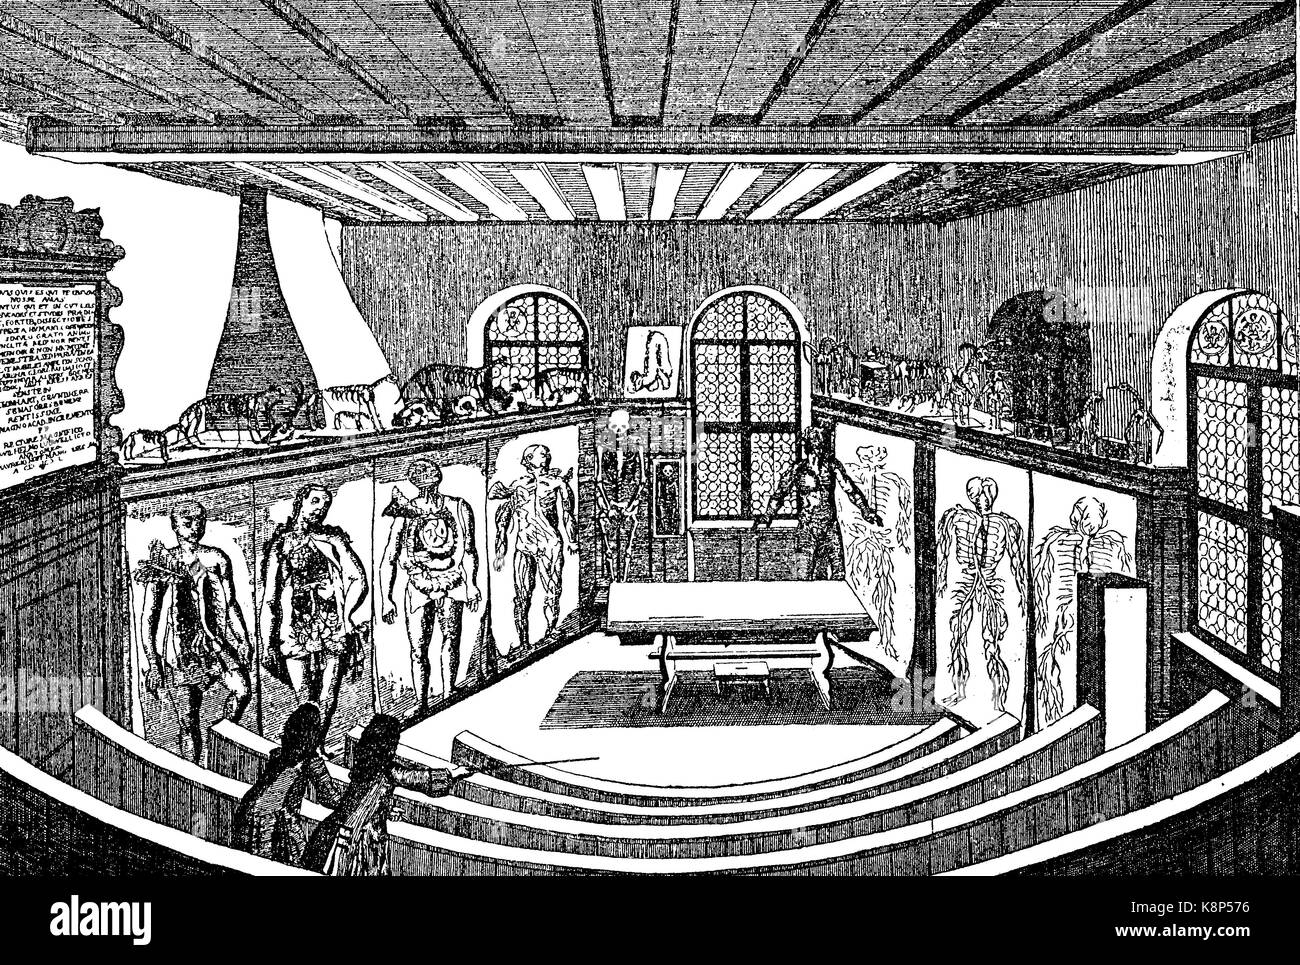 Anatomical theater in the university, Anatomisches Theater in der Universität Altdorf, Deutschland, 1750, digital - Stock Image